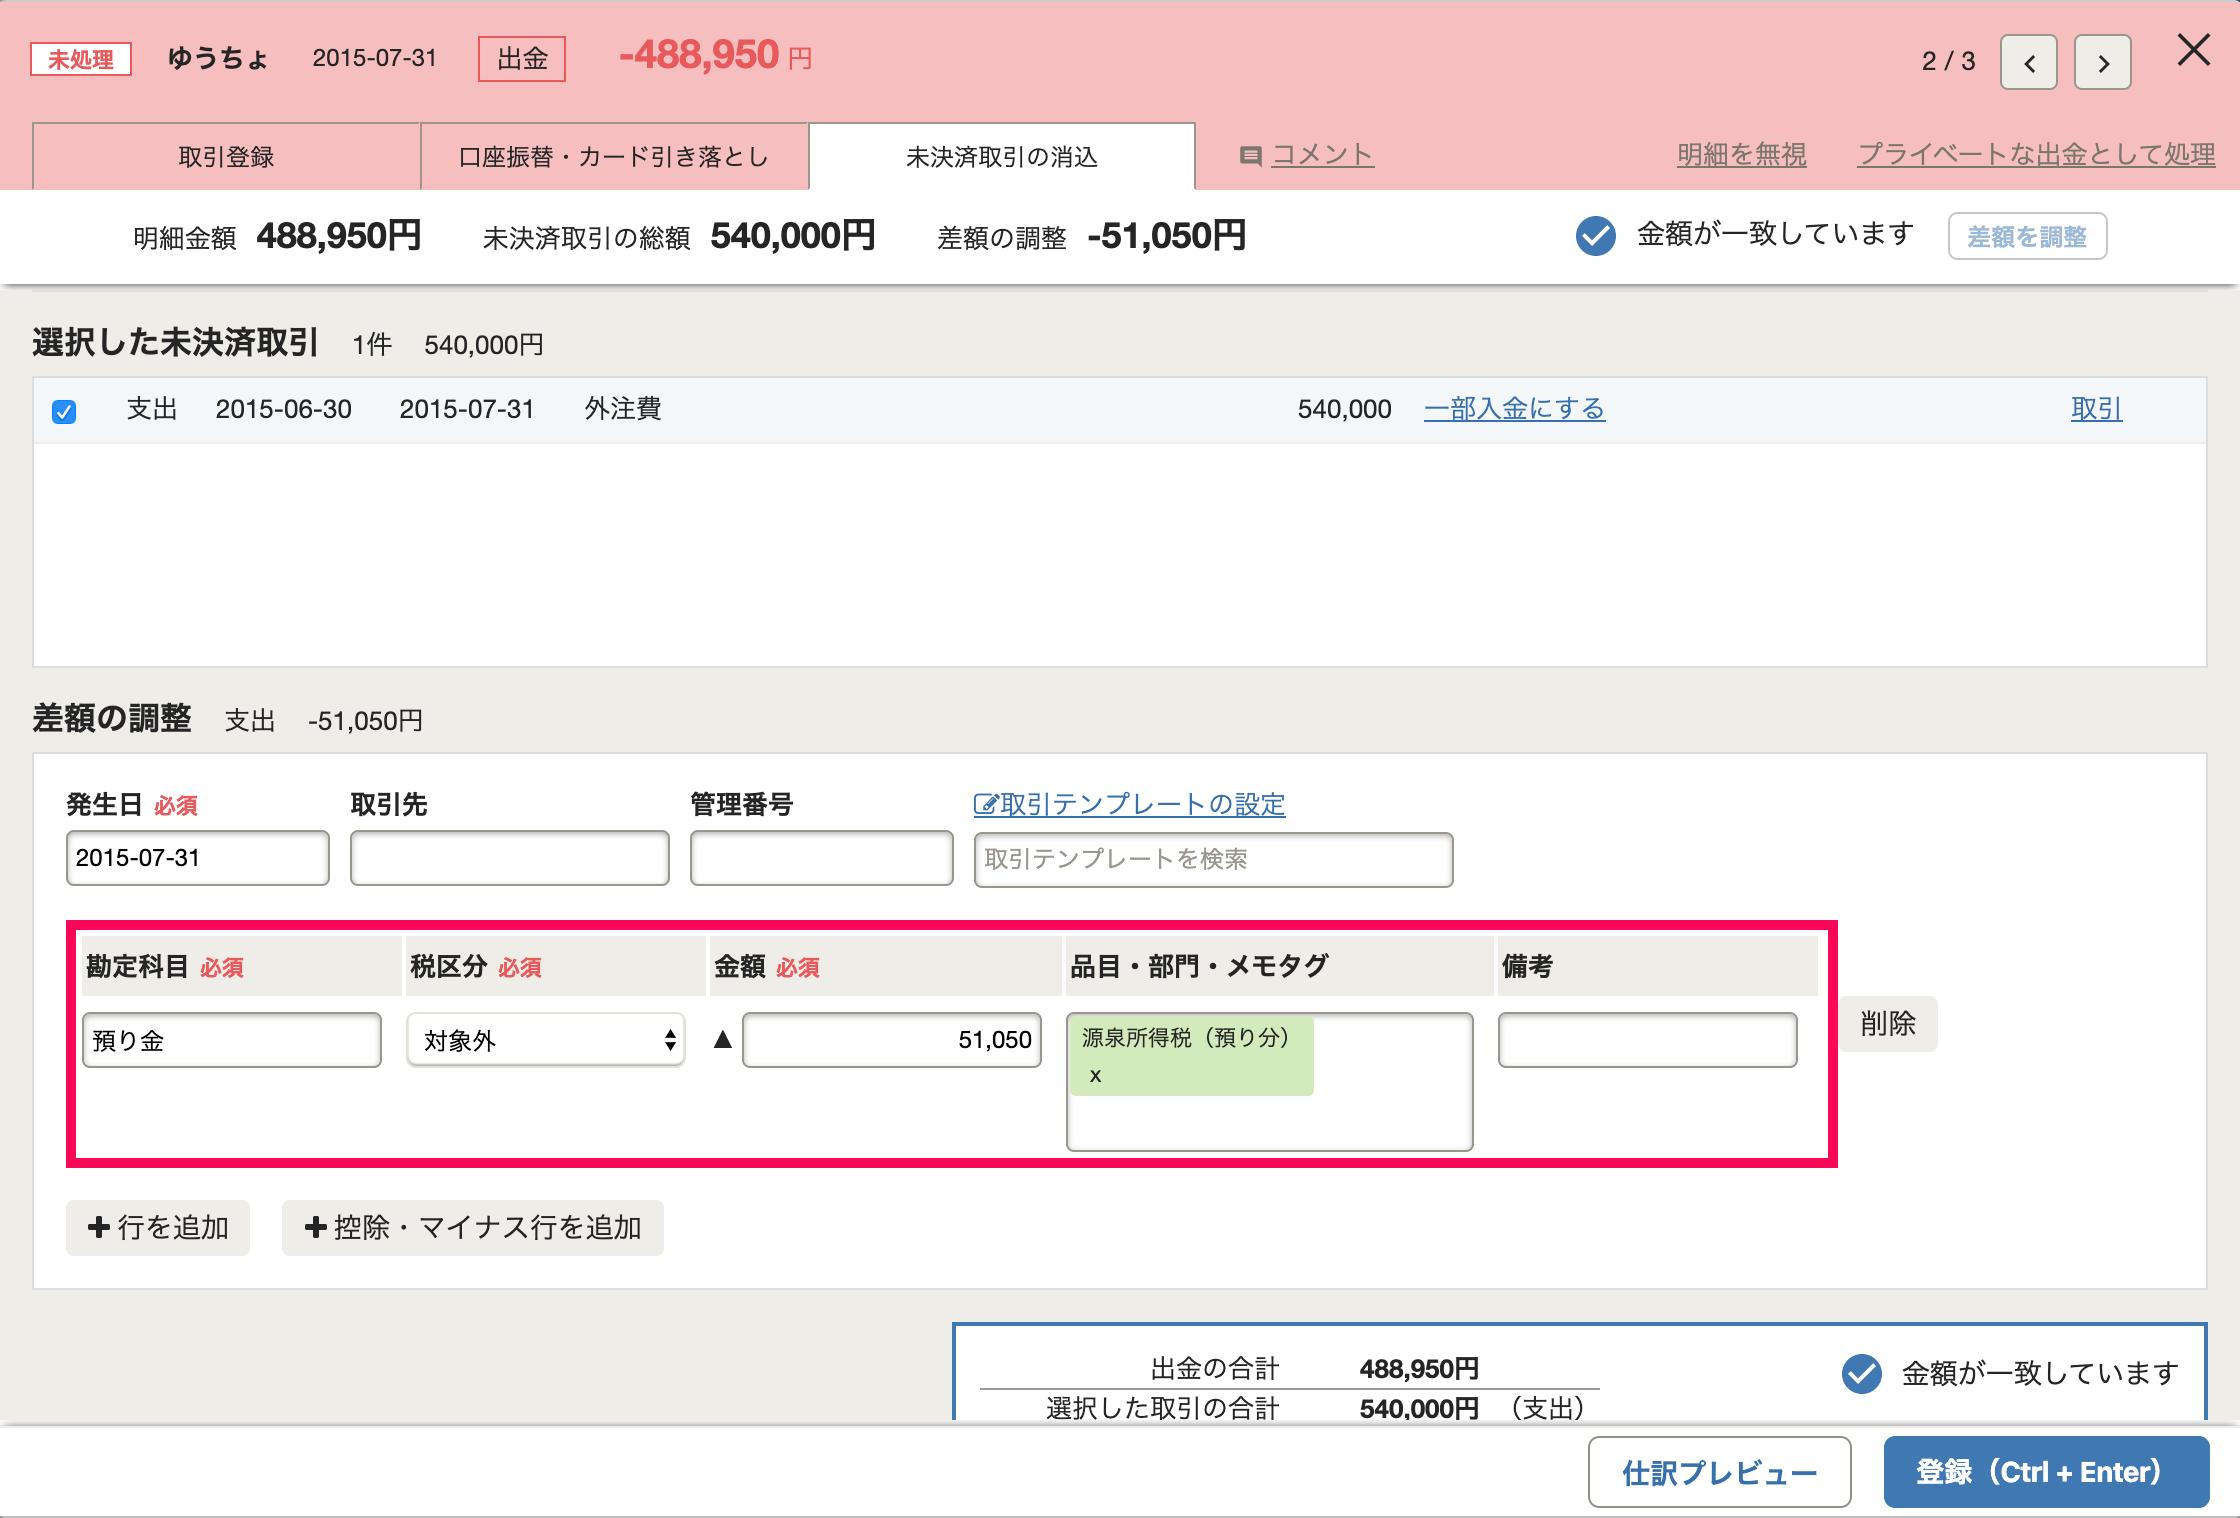 Screen_Shot_2020-03-02_at_17.20.24.png